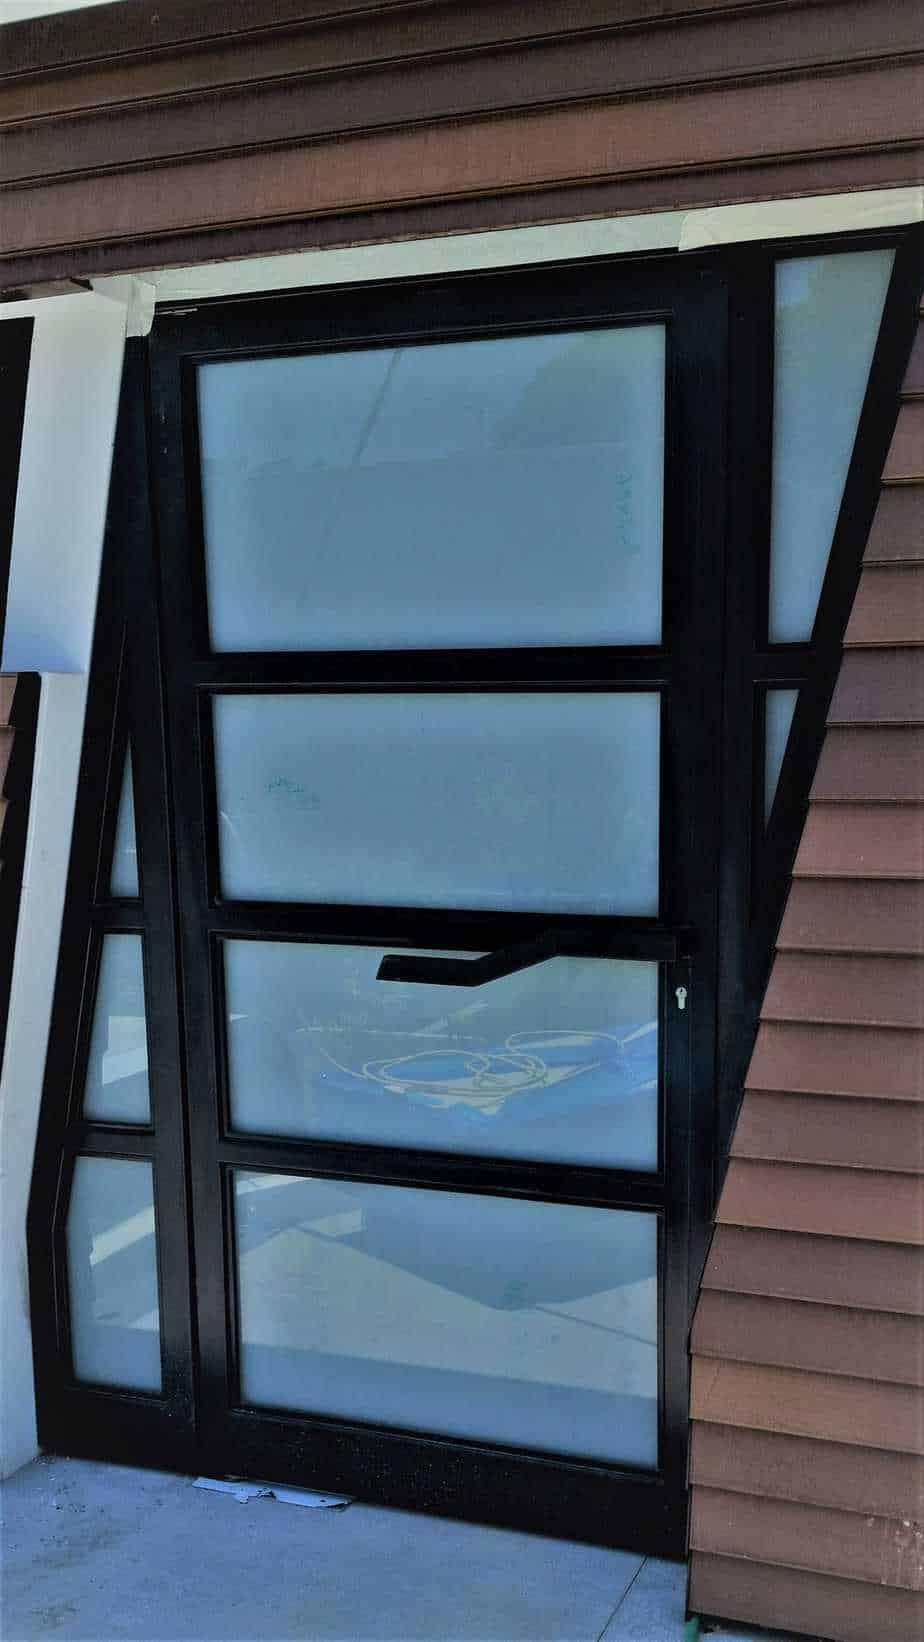 דלת מעוצבת בברזל בשילוב זכוכית